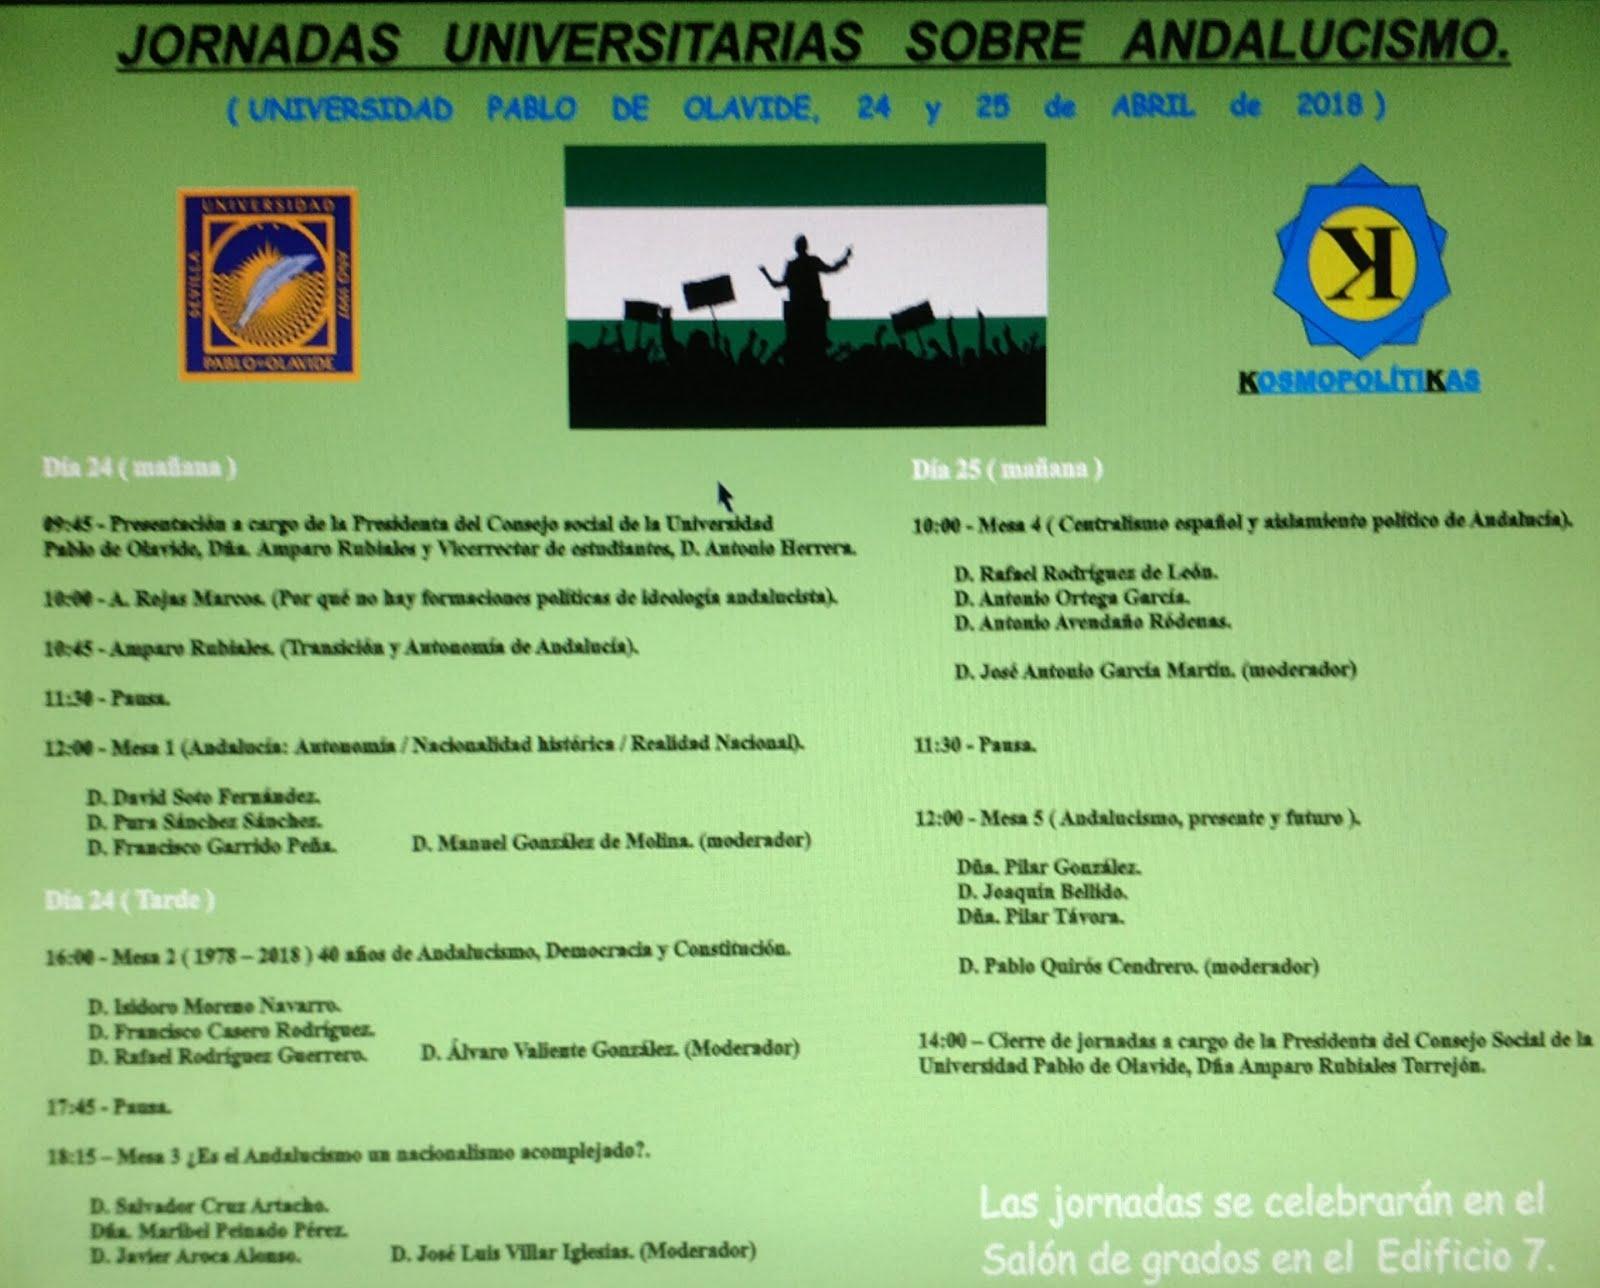 JORNADAS SOBRE ANDALUCISMO EN LA UPO (Salón de grados.Edificio 7).